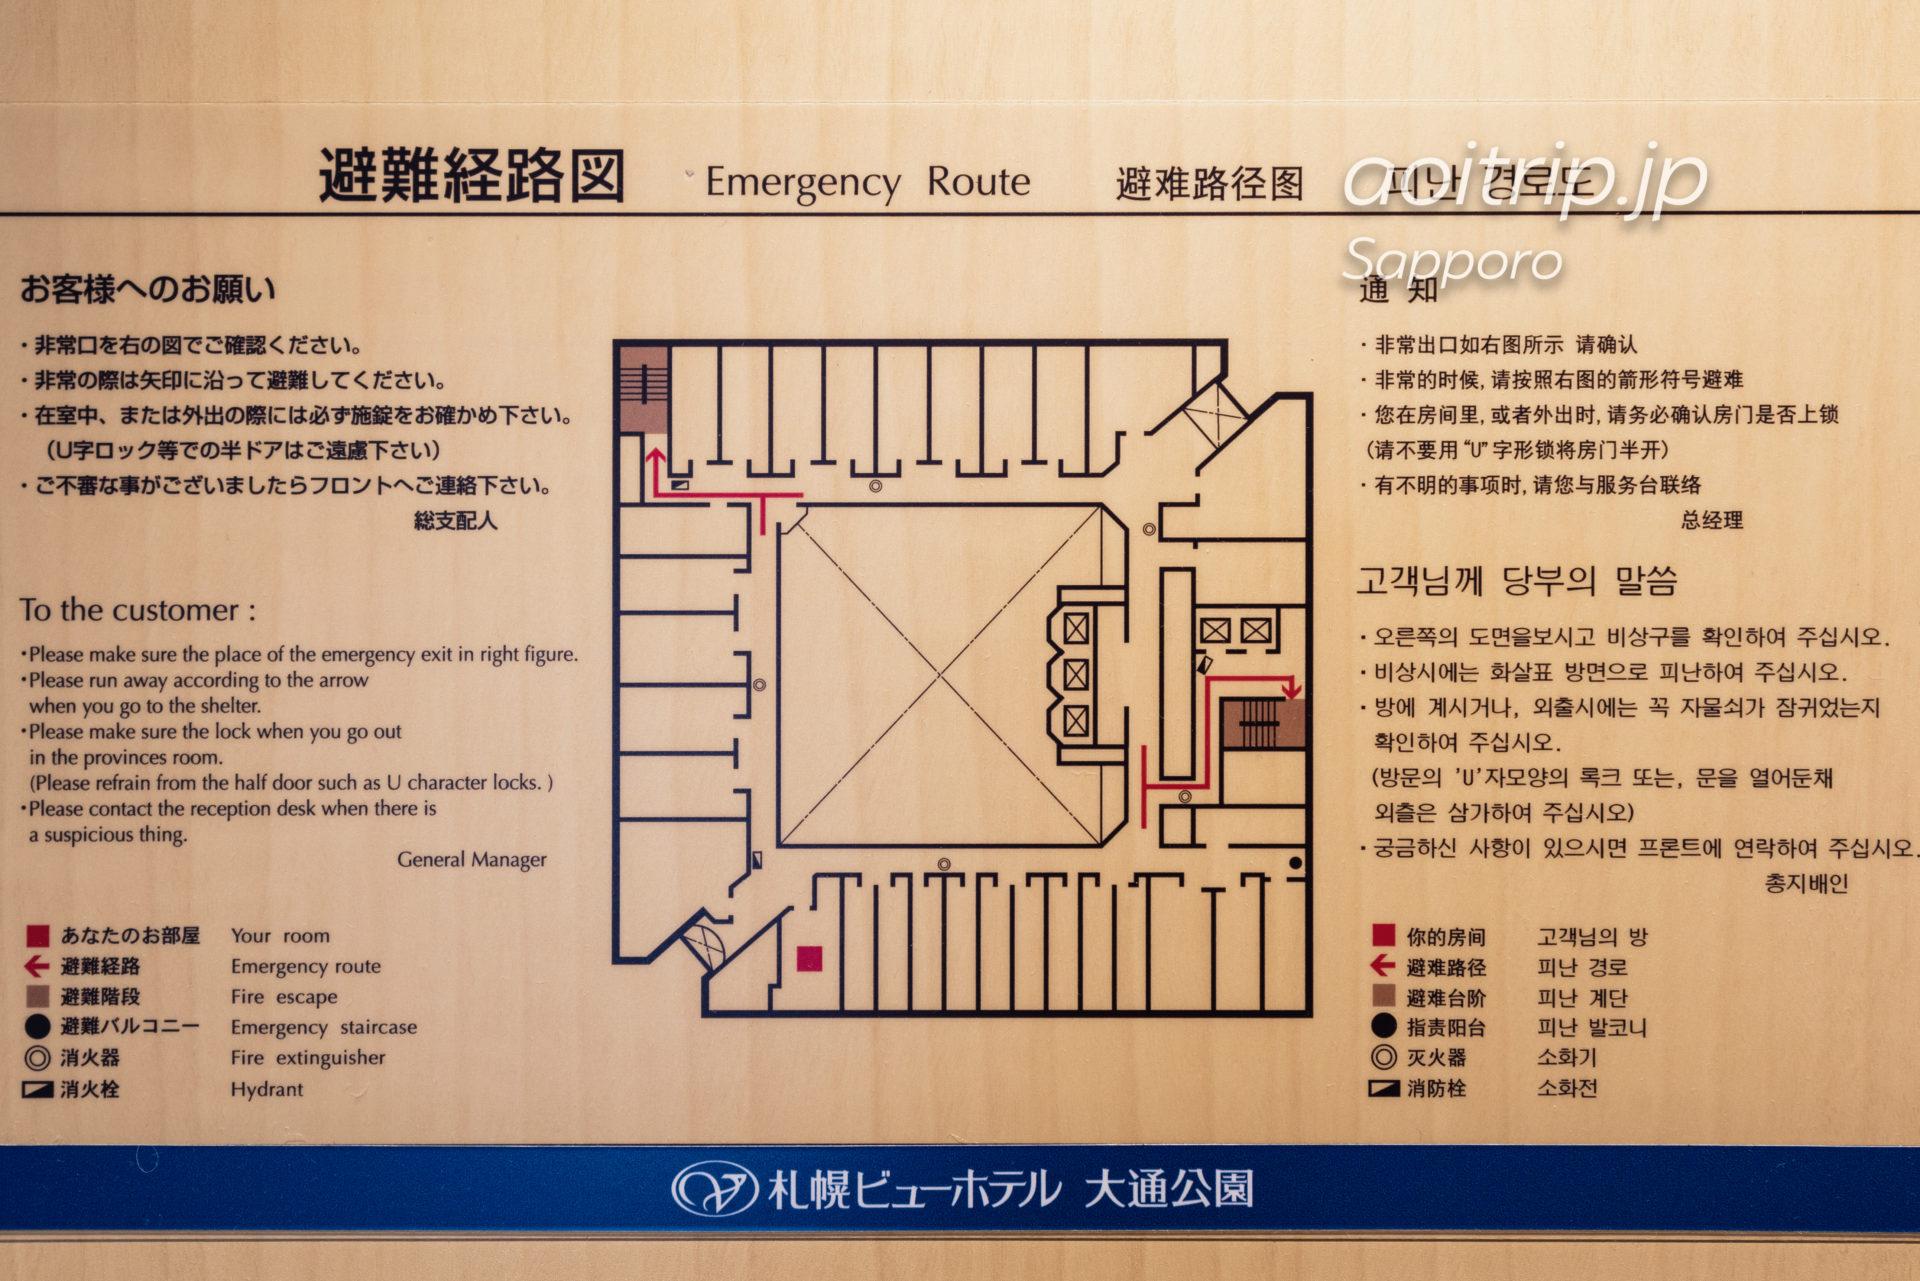 札幌ビューホテルの案内図